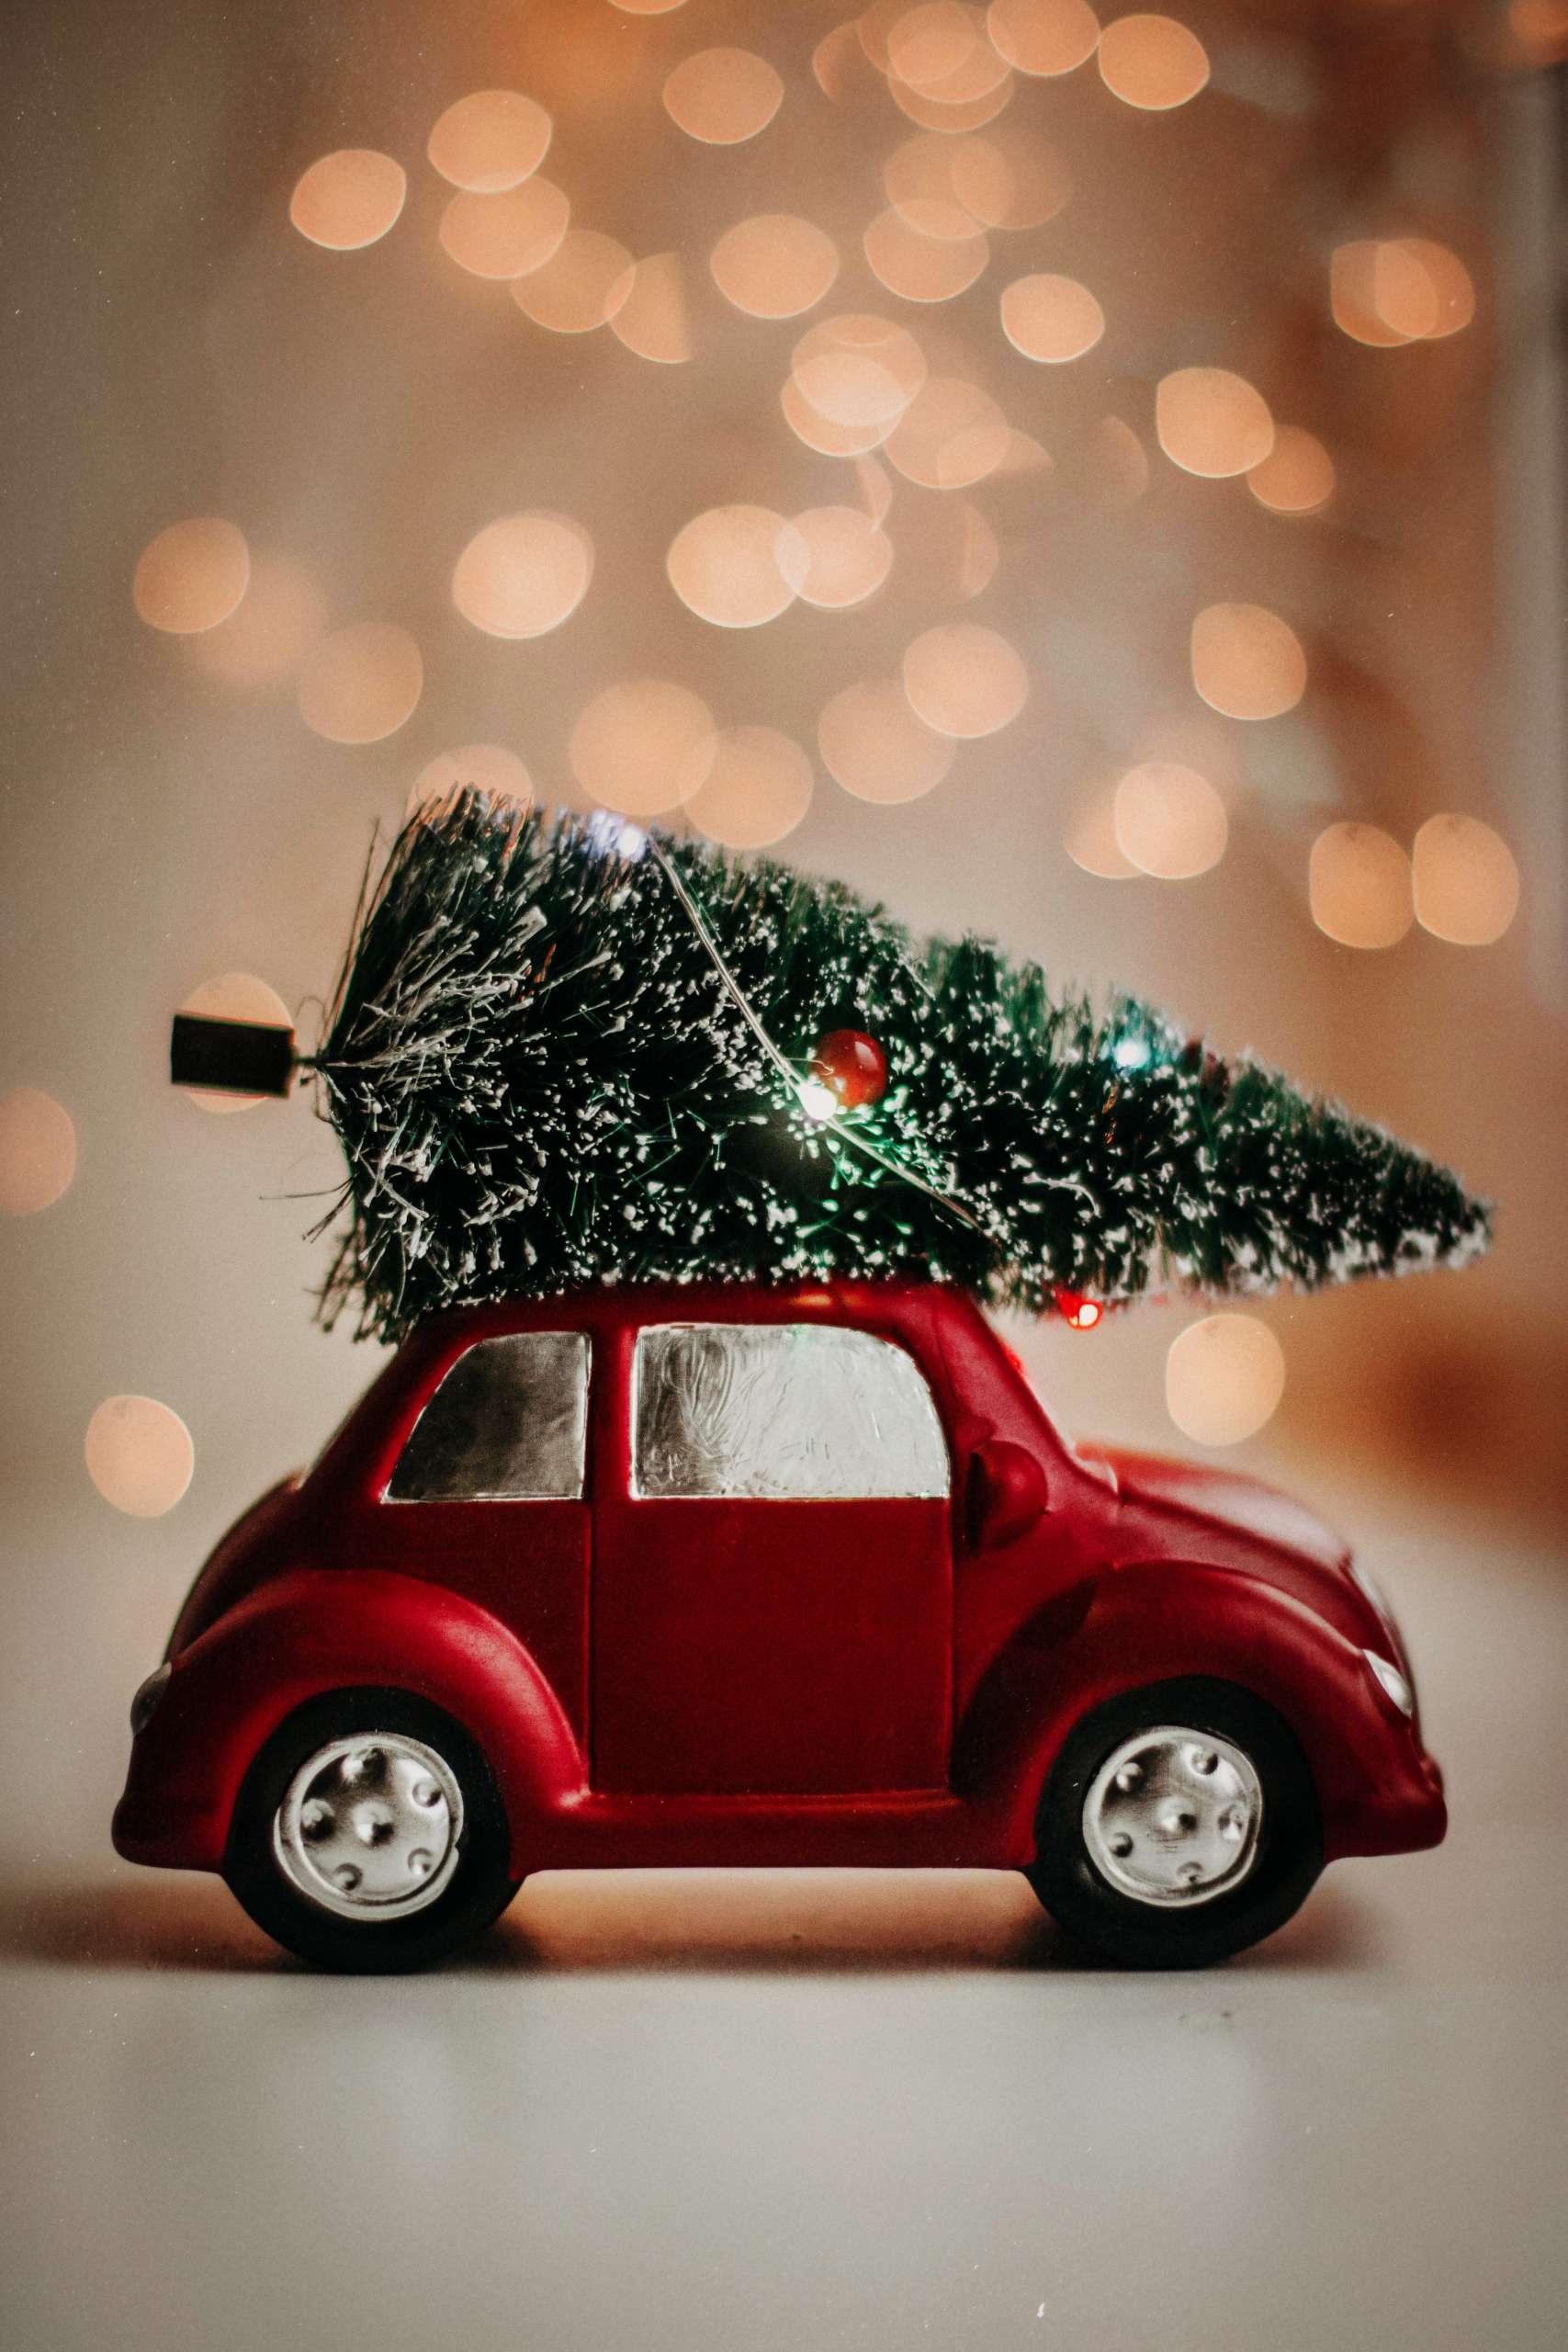 Car and Christmas Tree